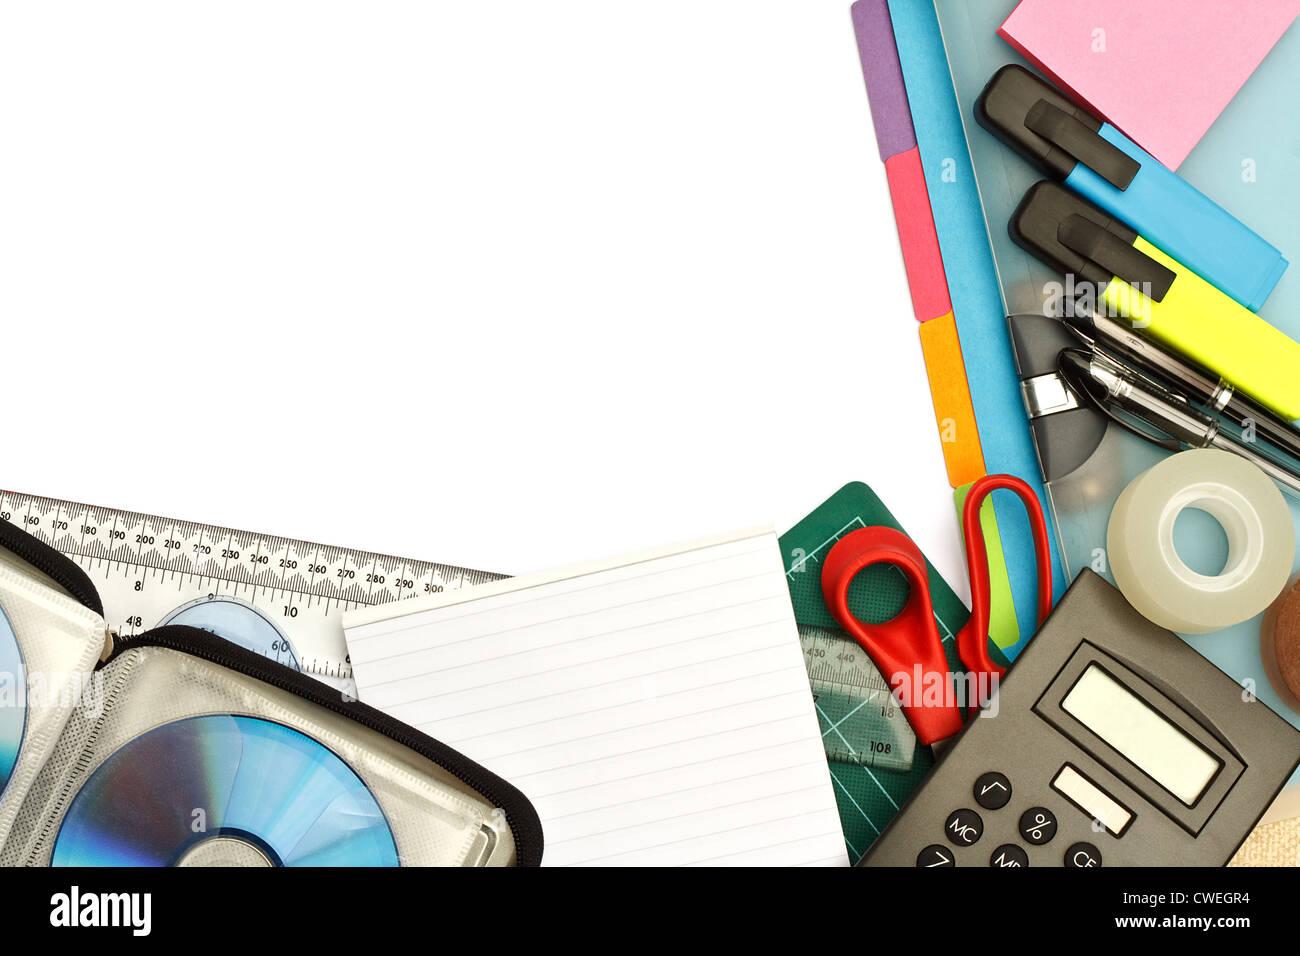 Des étudiants de l'université ou de papeterie Fournitures de bureau modernes disposés sur un Photo Stock